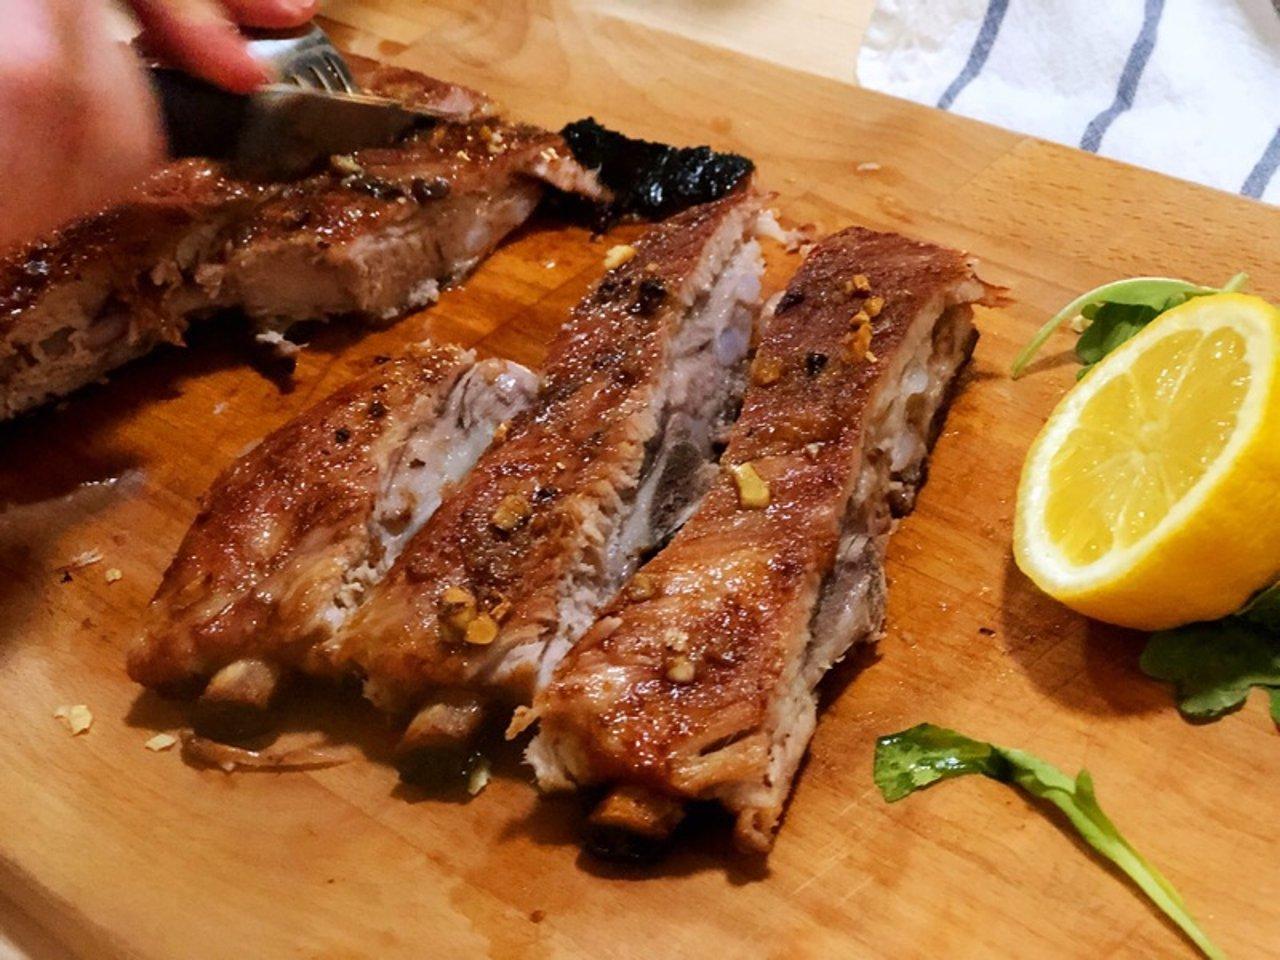 口水直流 肉骨分离 超简单烤猪肋排